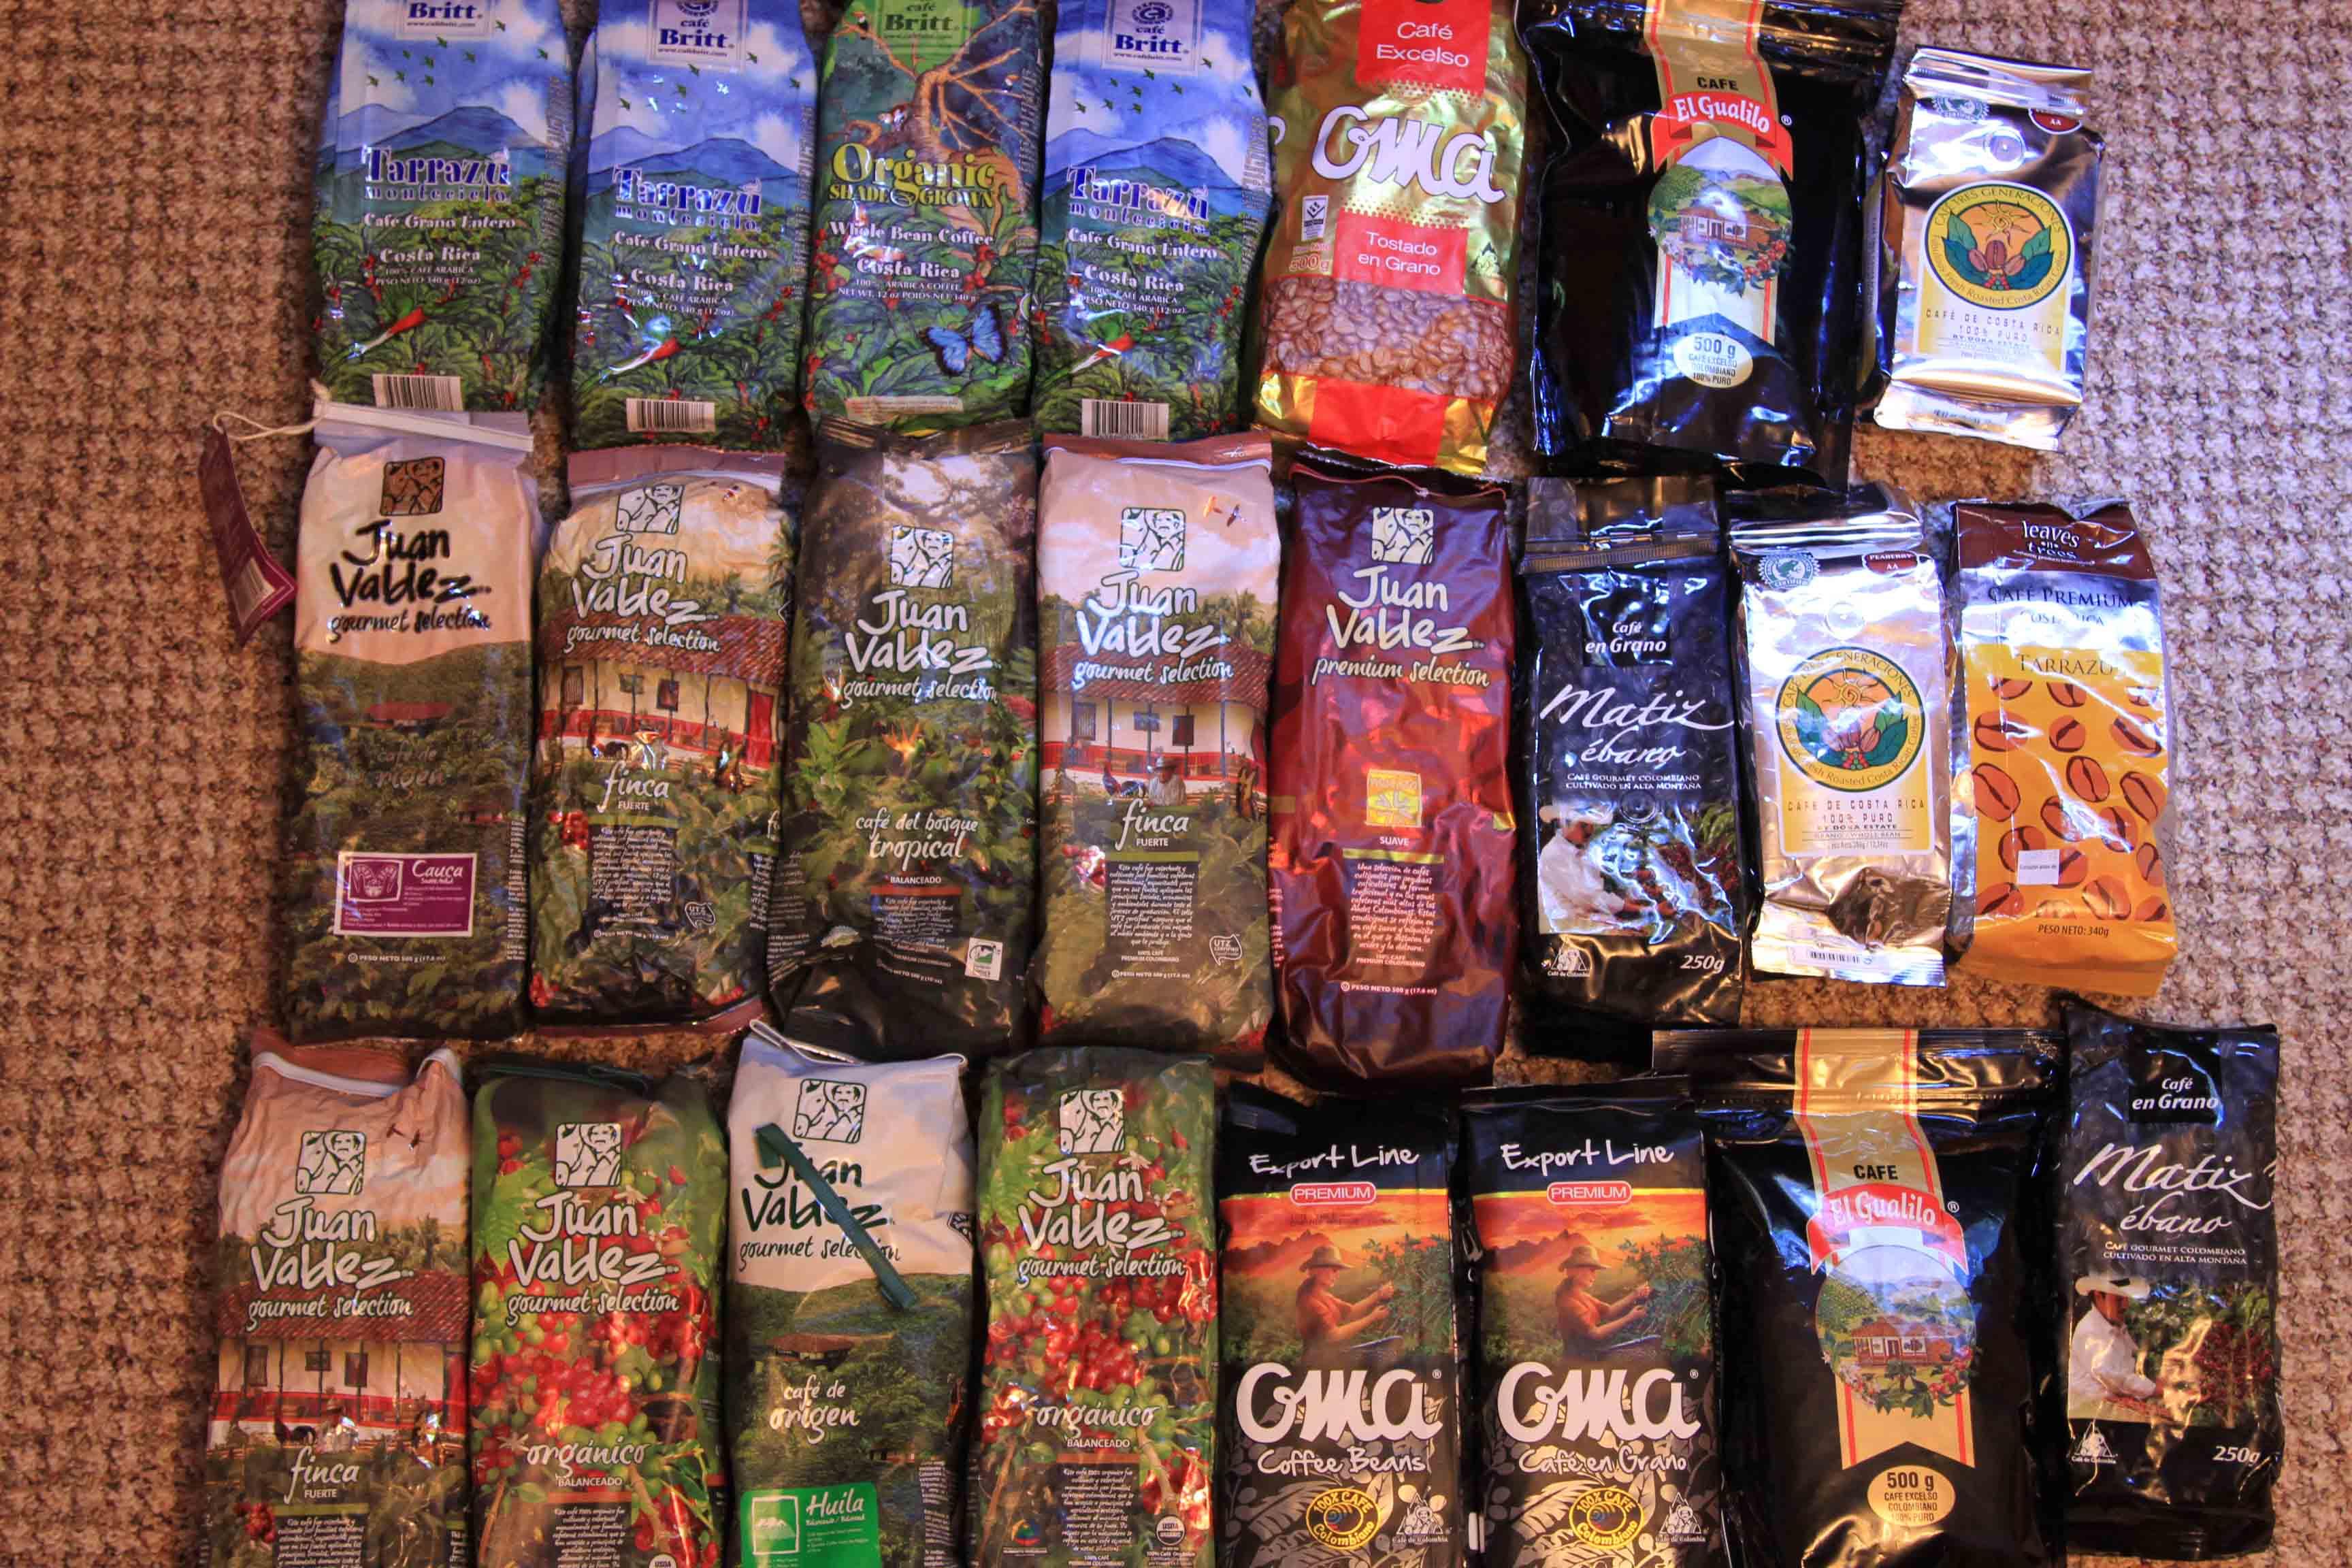 Вьетнамский кофе: виды, сорта и марки кофе